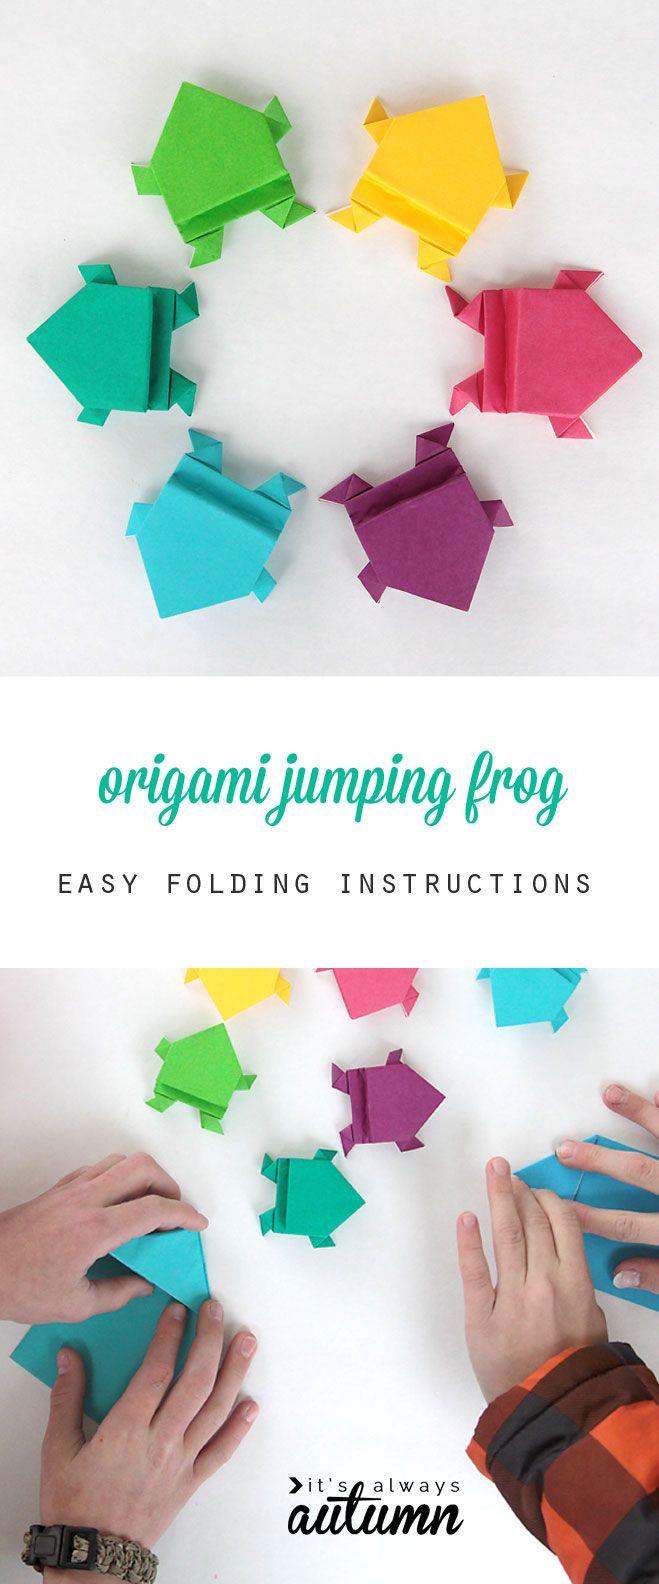 Petite grenouille en origami à réaliser vous même très simple même pour des enfants